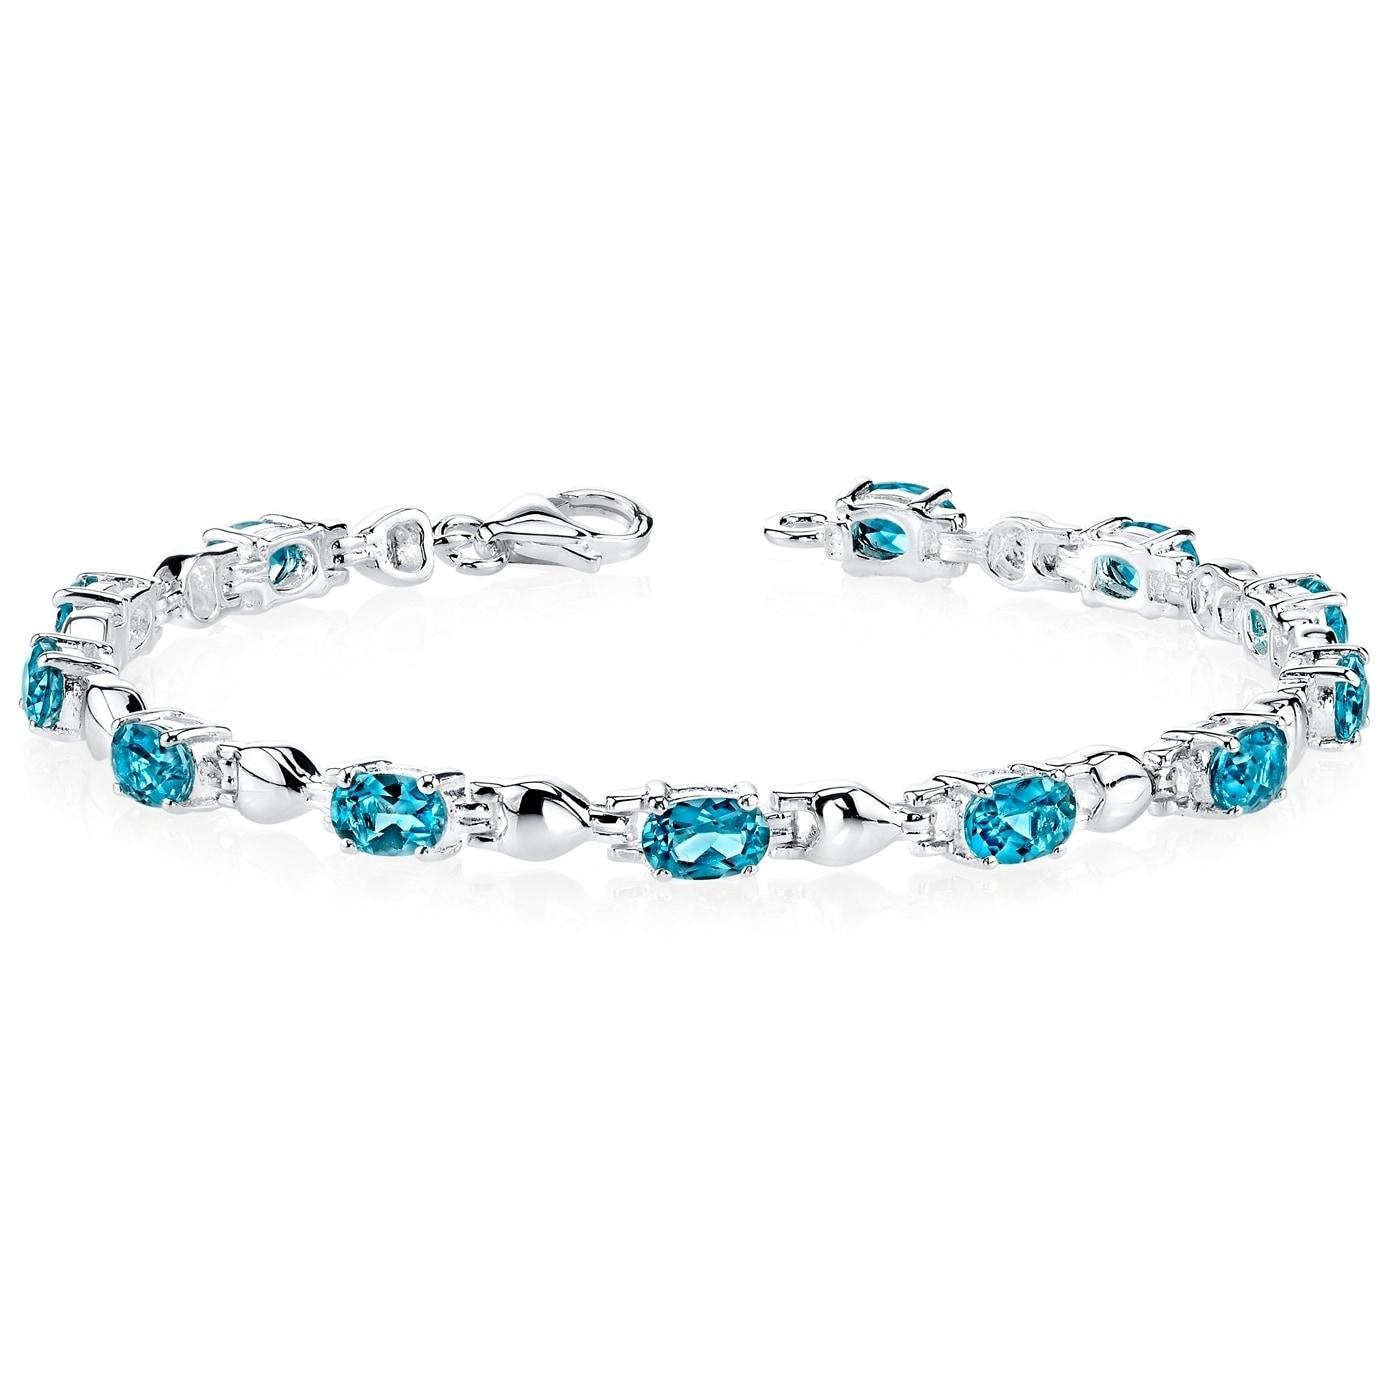 Amethyst Bracelet Sterling Silver Pear Shape 5.50 Carats